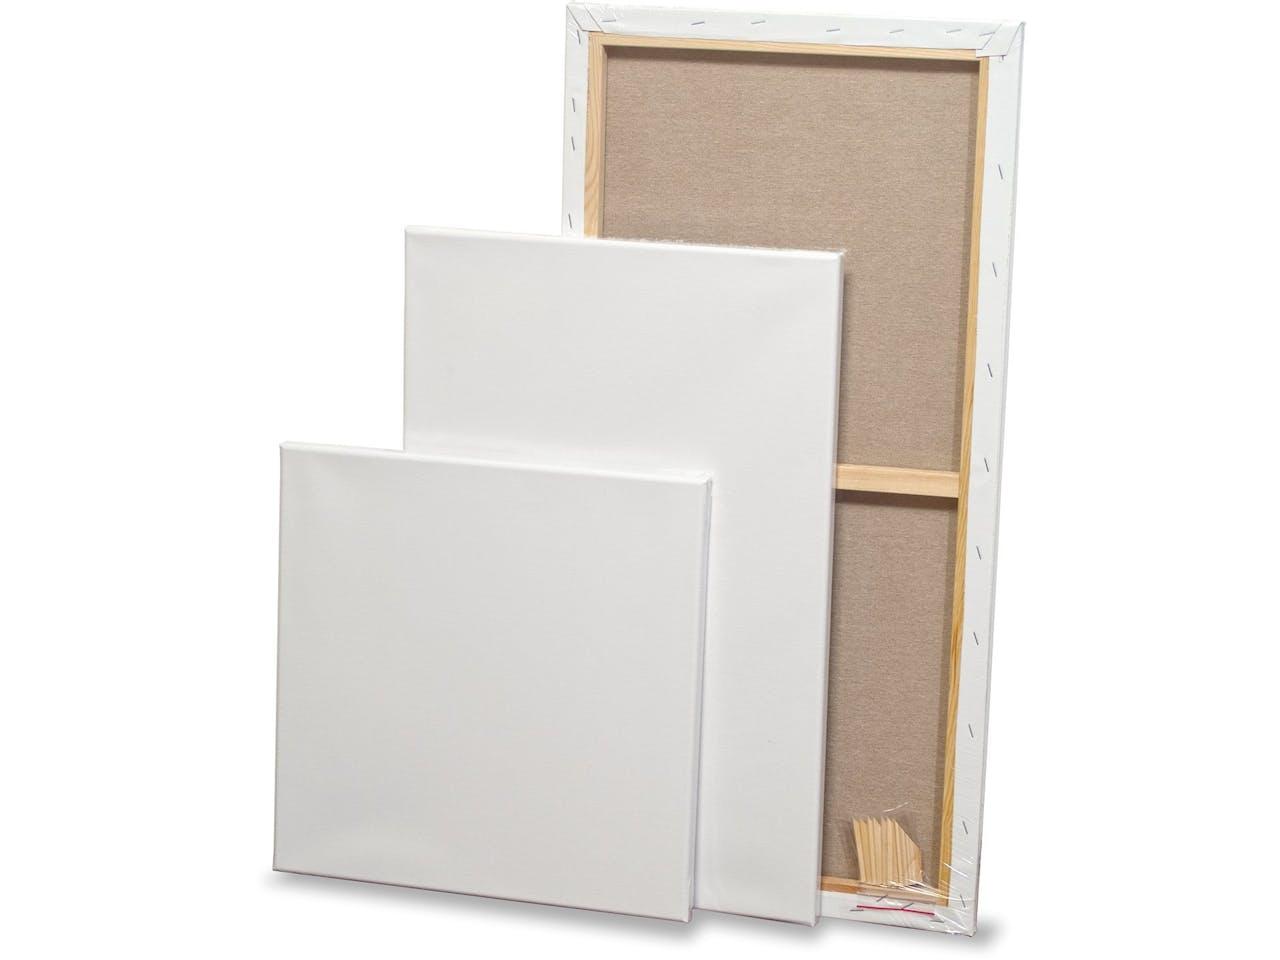 Keilrahmen Baumwollgewebe C, weiß, grundiert, 300 x 300 mm, LB = 35 mm